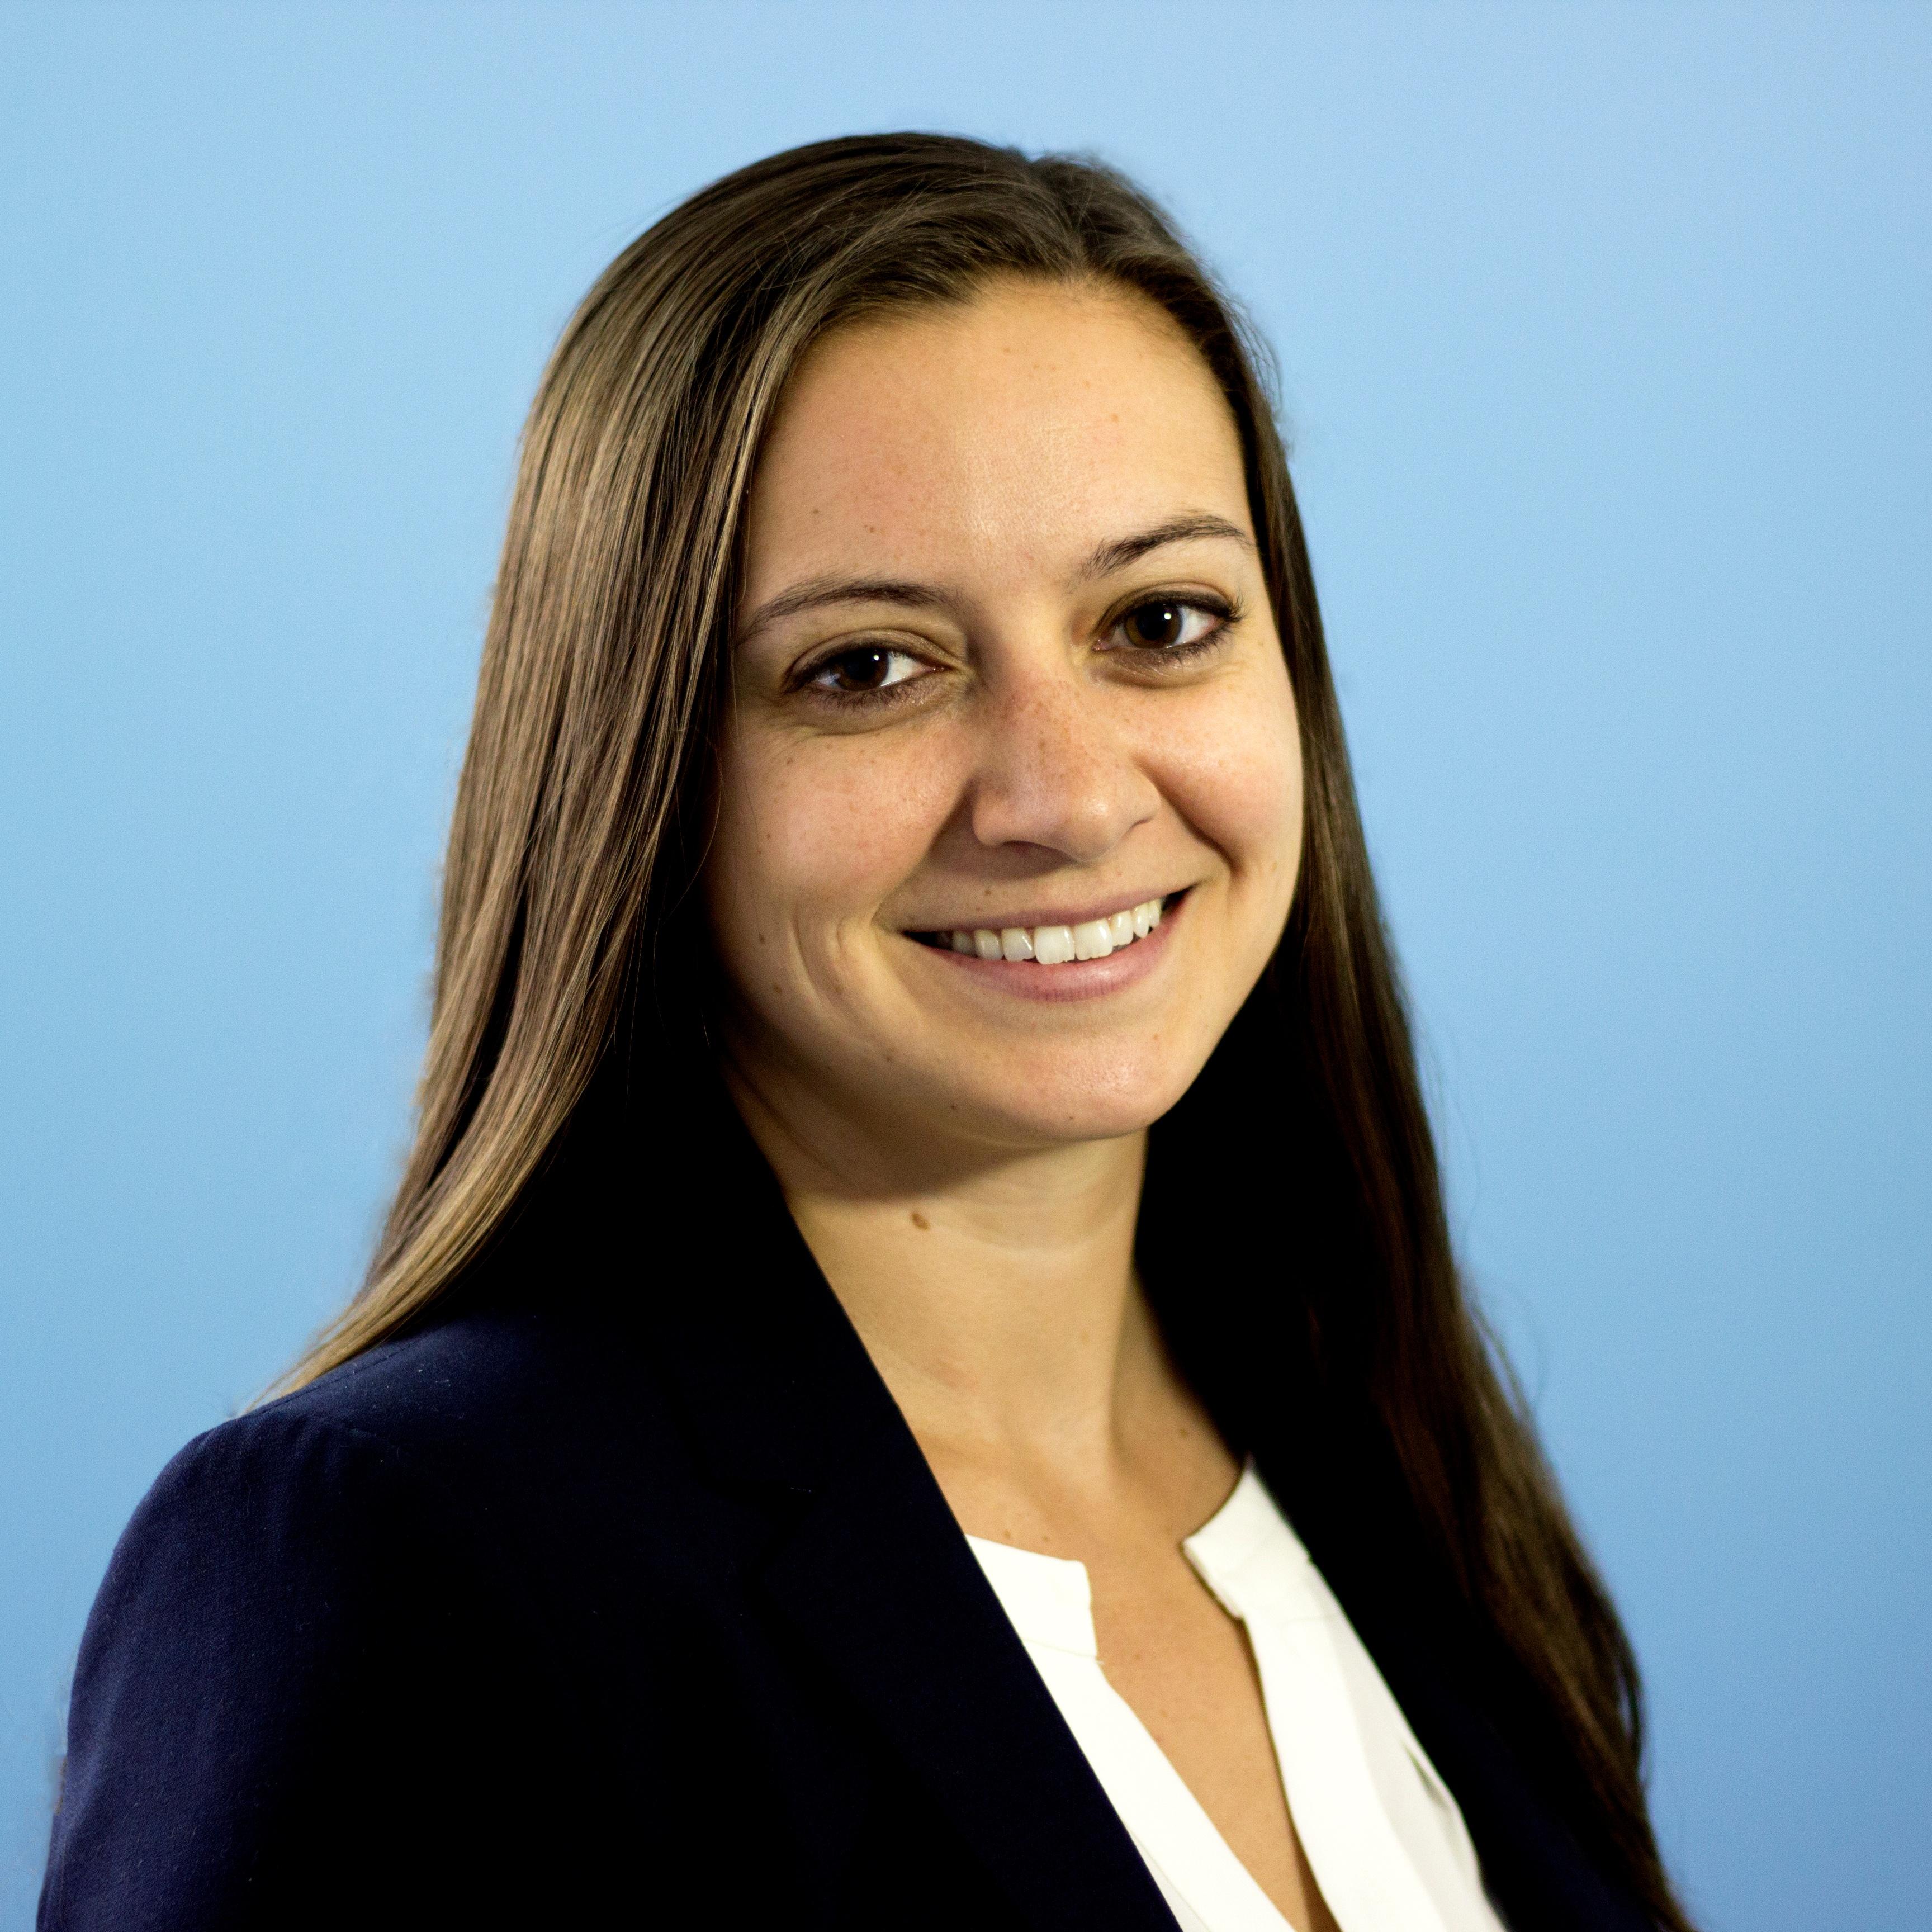 Jenna Cronin